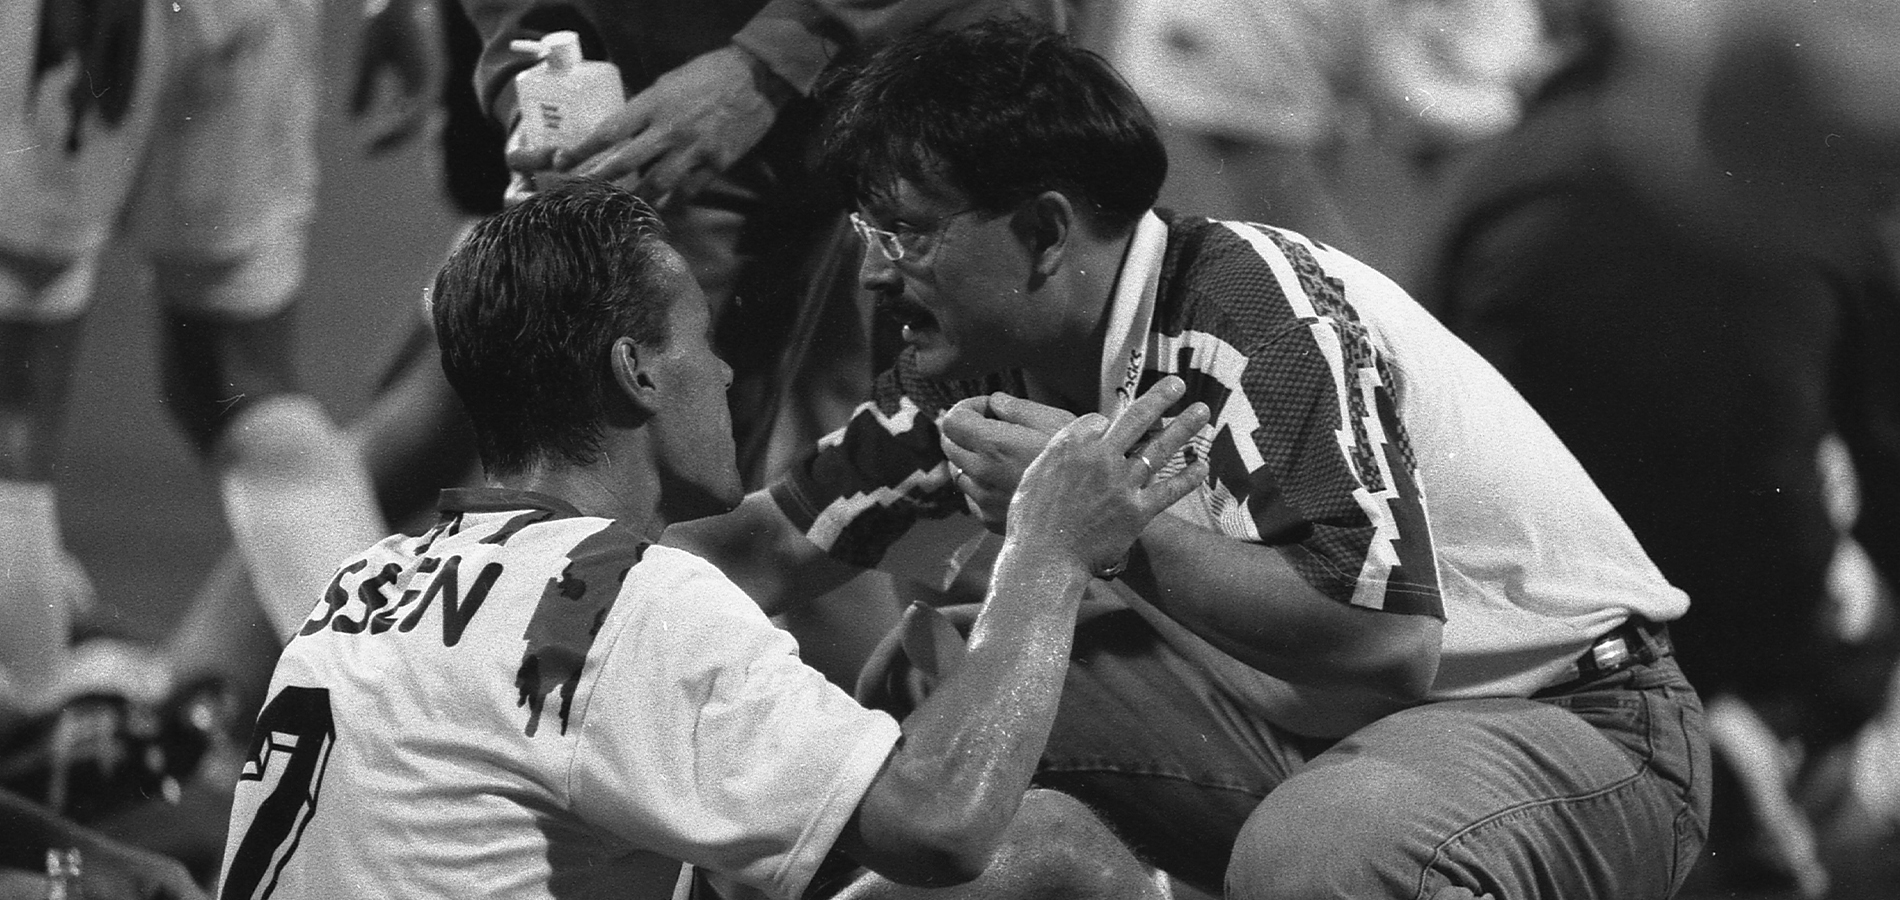 Letzte Anweisungen vor der Verlängerung 1995: Trainer Rudi Gores und Abwehrchef Ingo Pickenäcker. (Foto: Archiv)